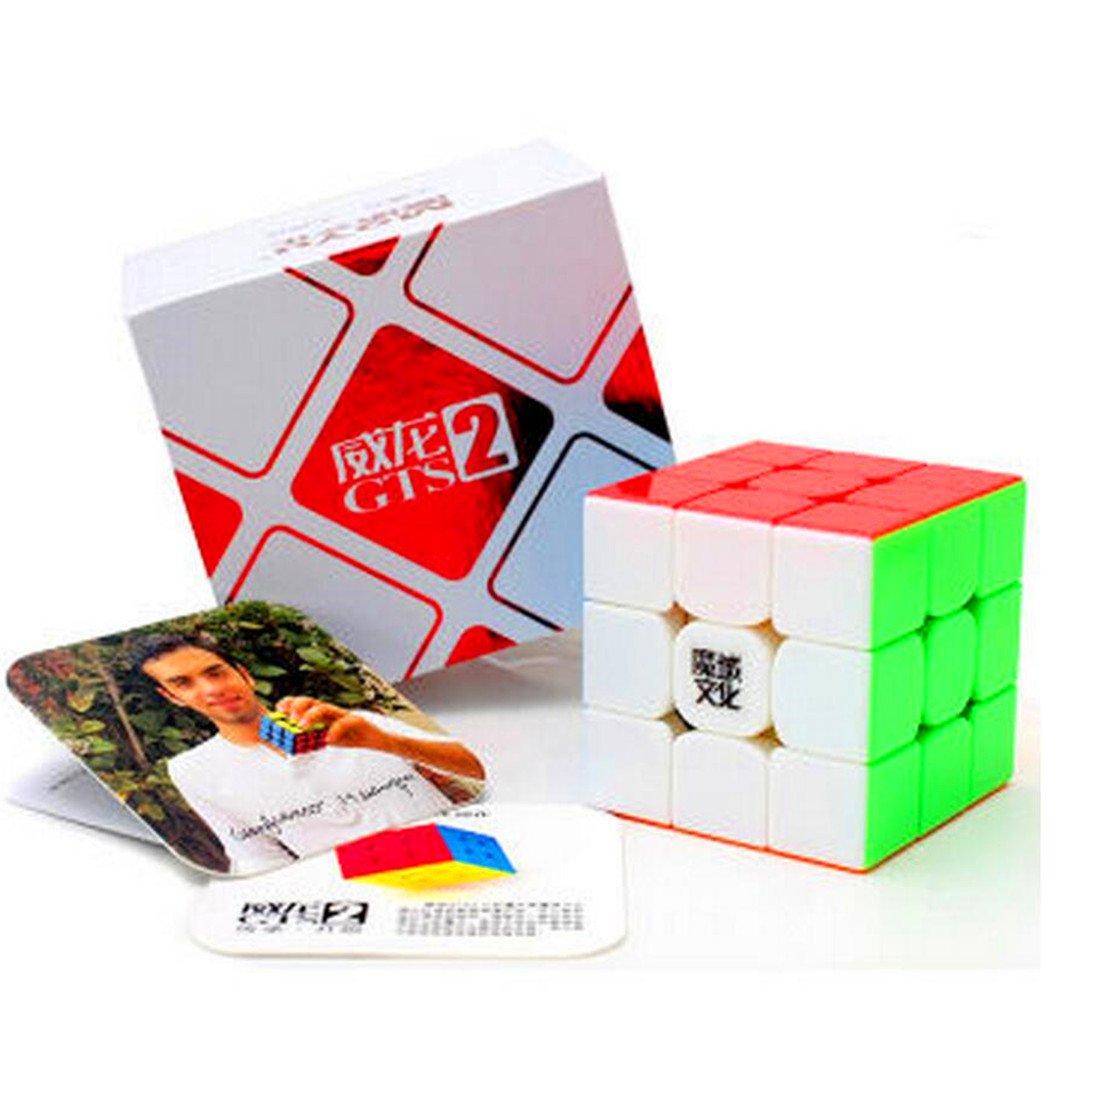 CuberSpeed MoYu WeiLong GTS2 stickerless 3x3 Magic cube MoYu WeiLong GTS V2 color 3x3x3 Speed cube Puzzle